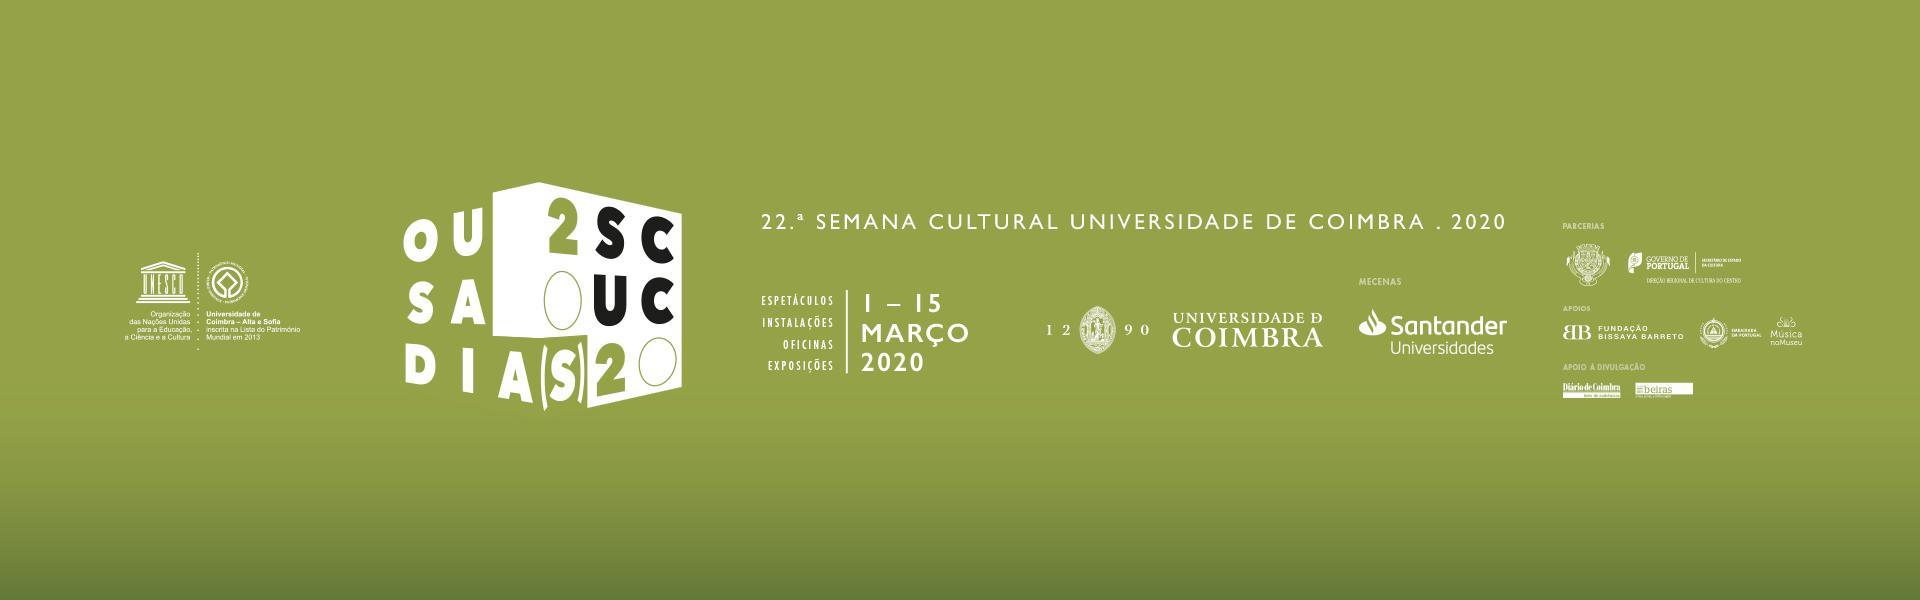 22ª Semana Cultural UC